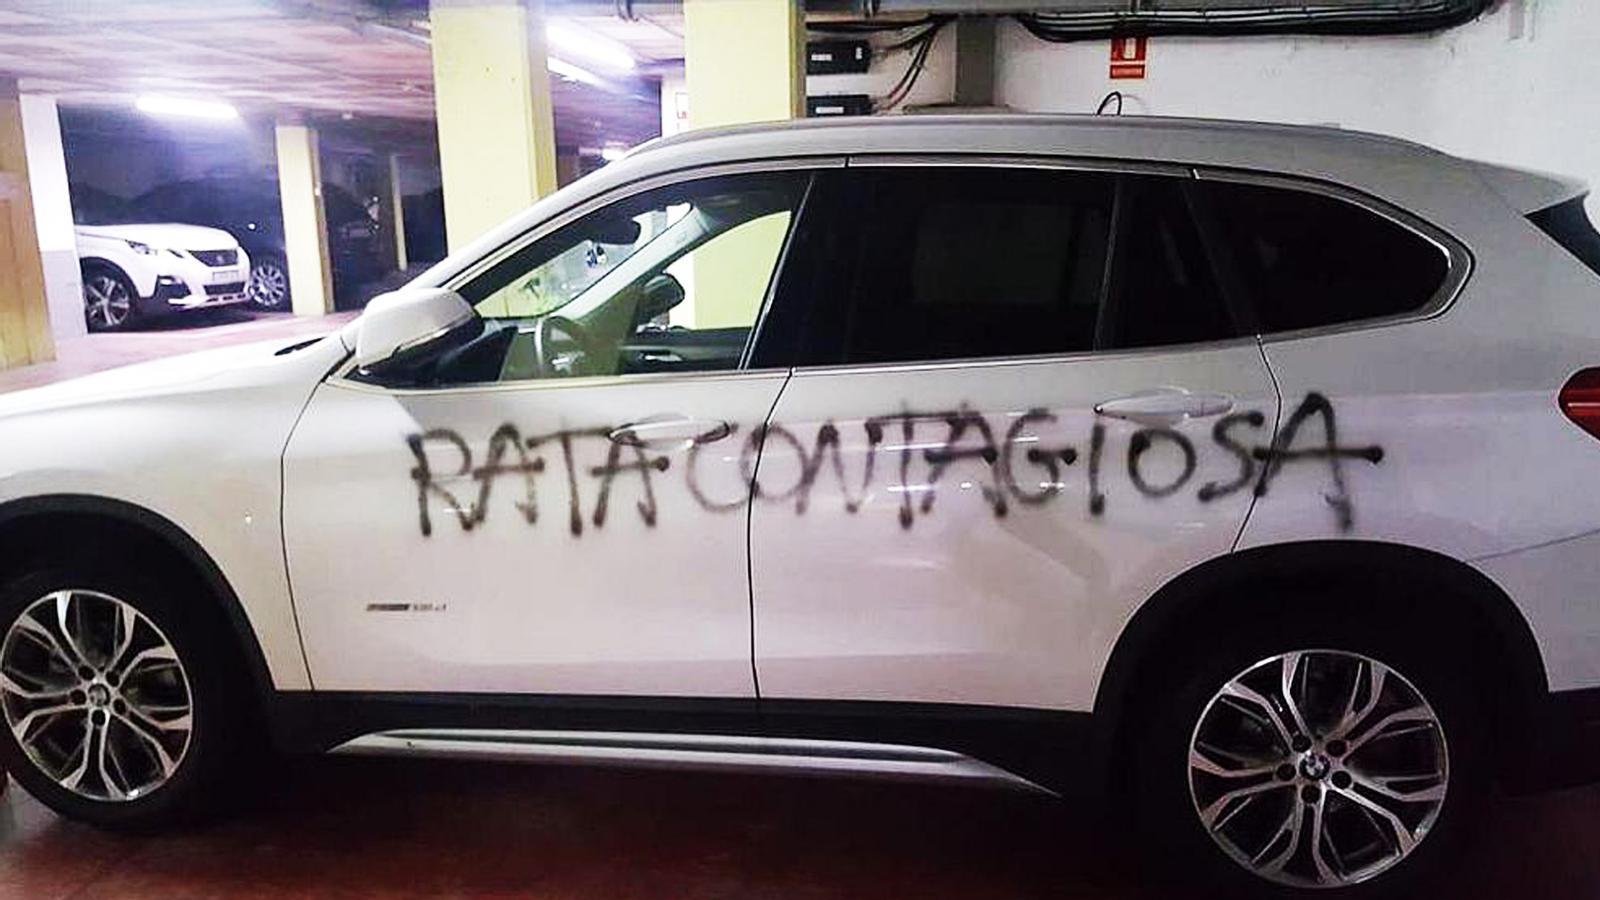 L'anàlisi d'Antoni Bassas: 'El de la rata també lleparà'